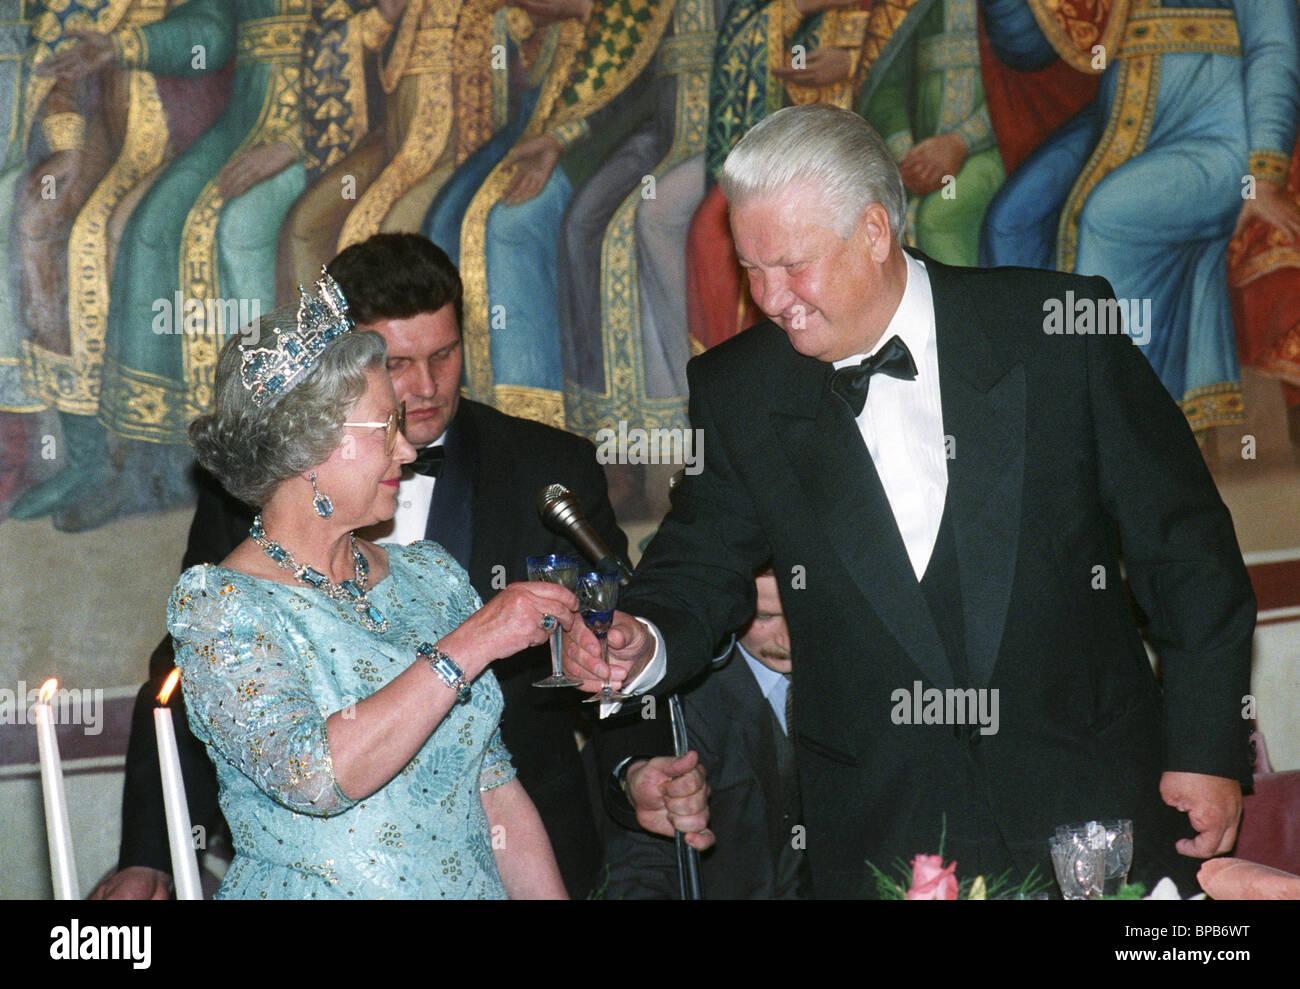 Queen Elizabeth II on visit to Russia, 1994 - Stock Image